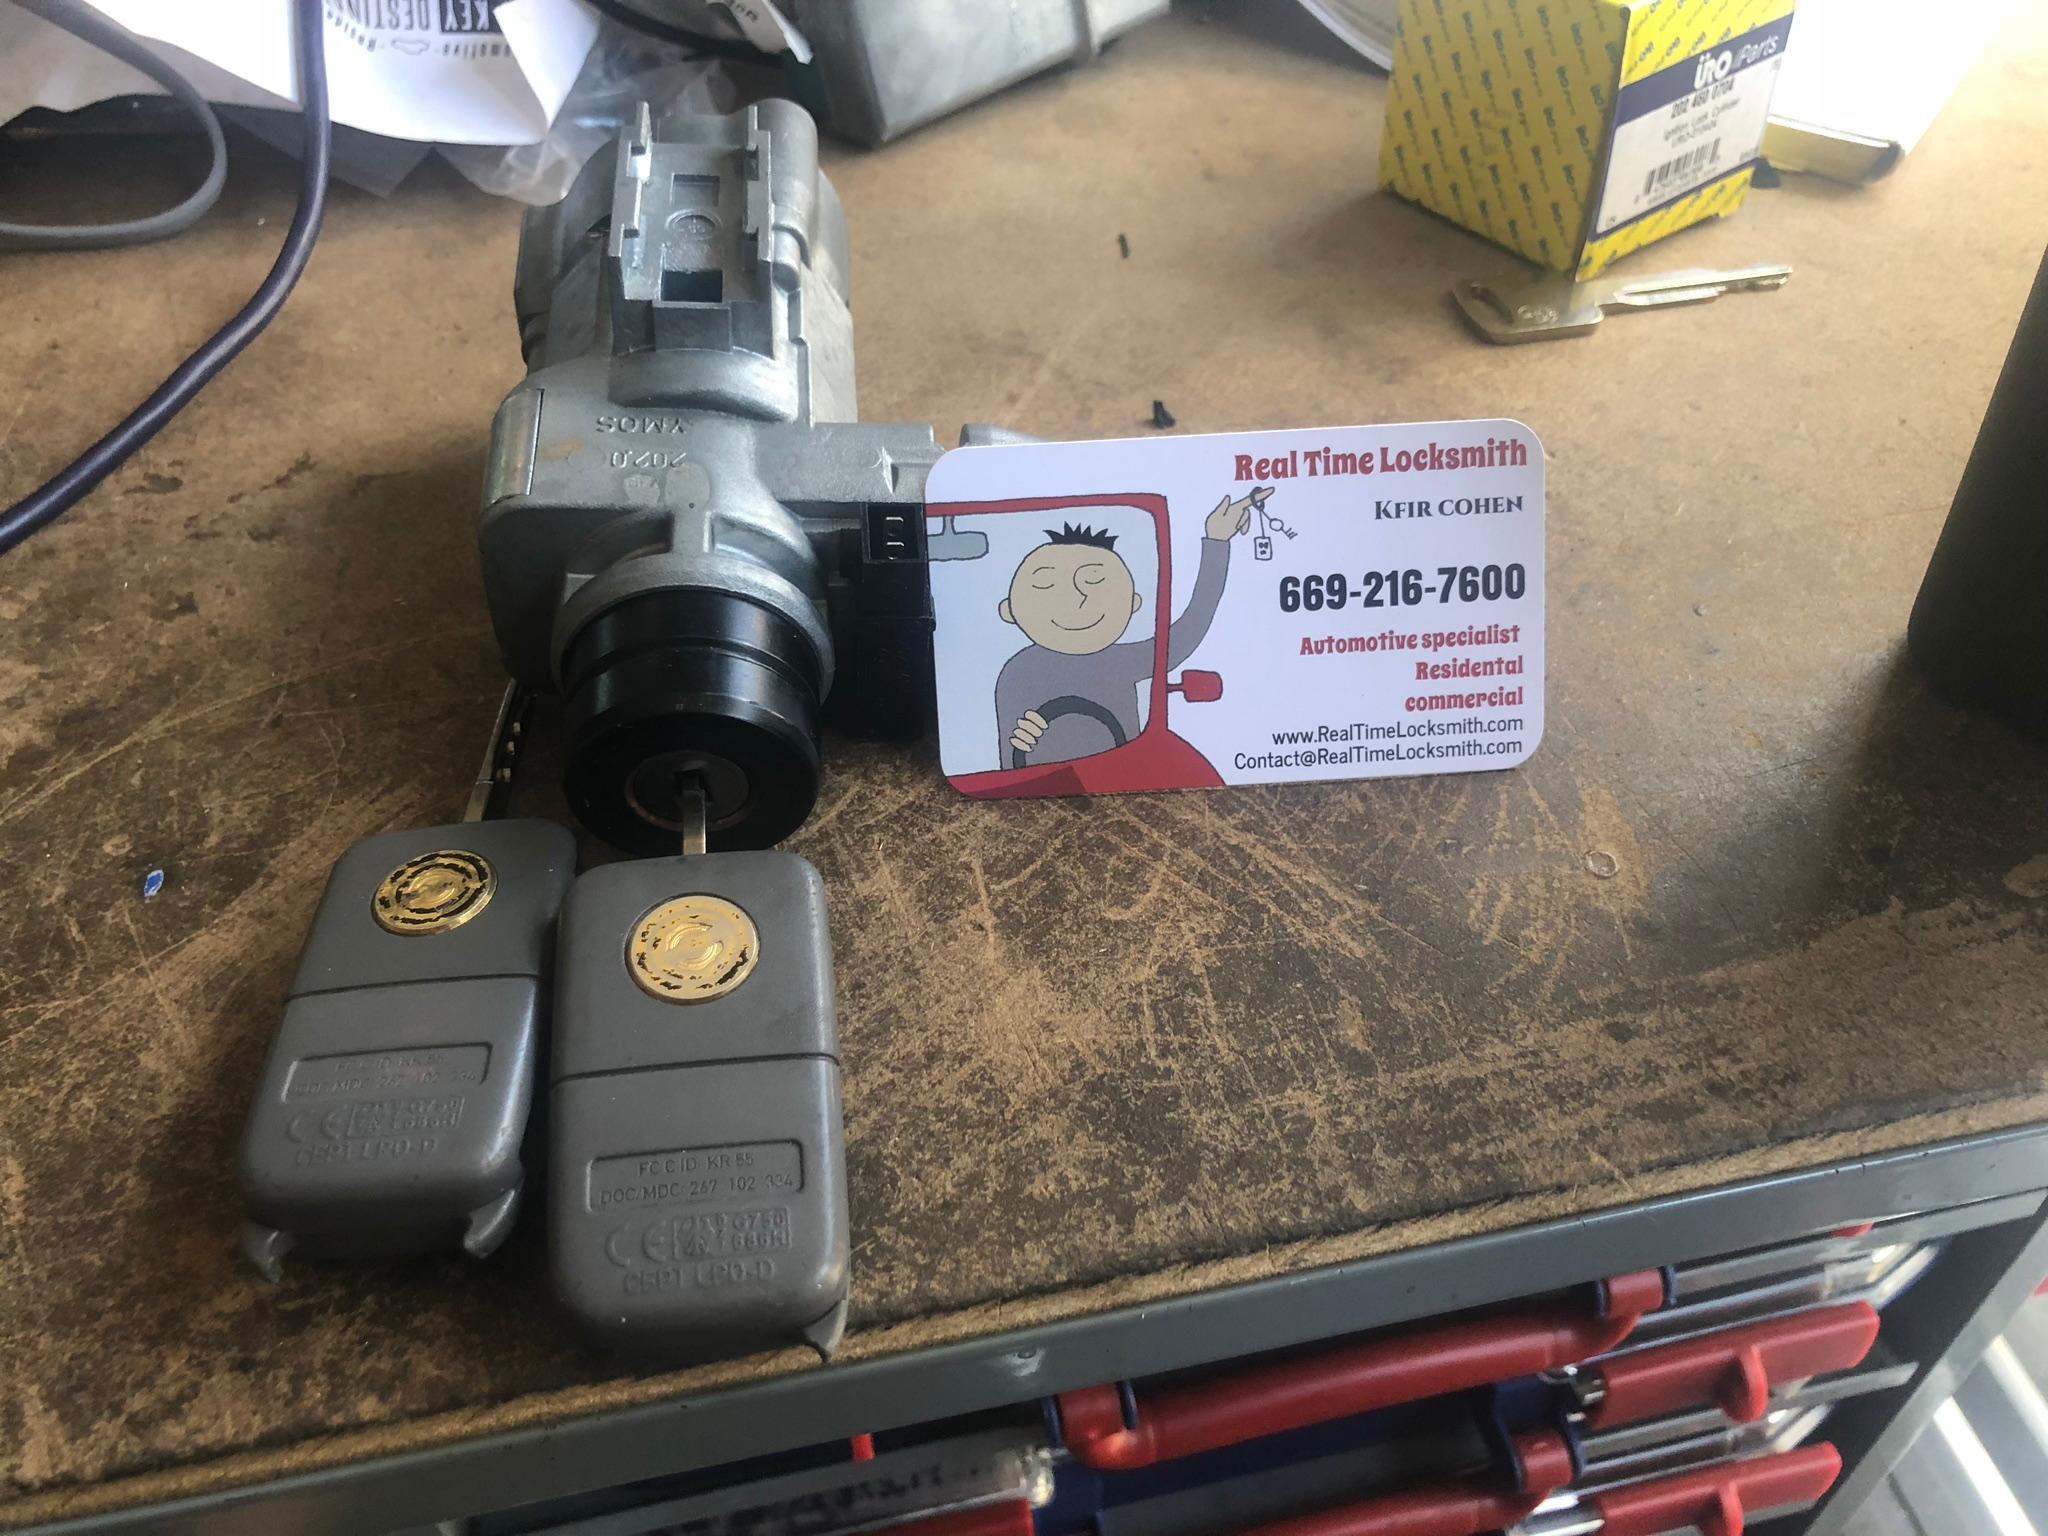 Real Time Locksmith San Jose